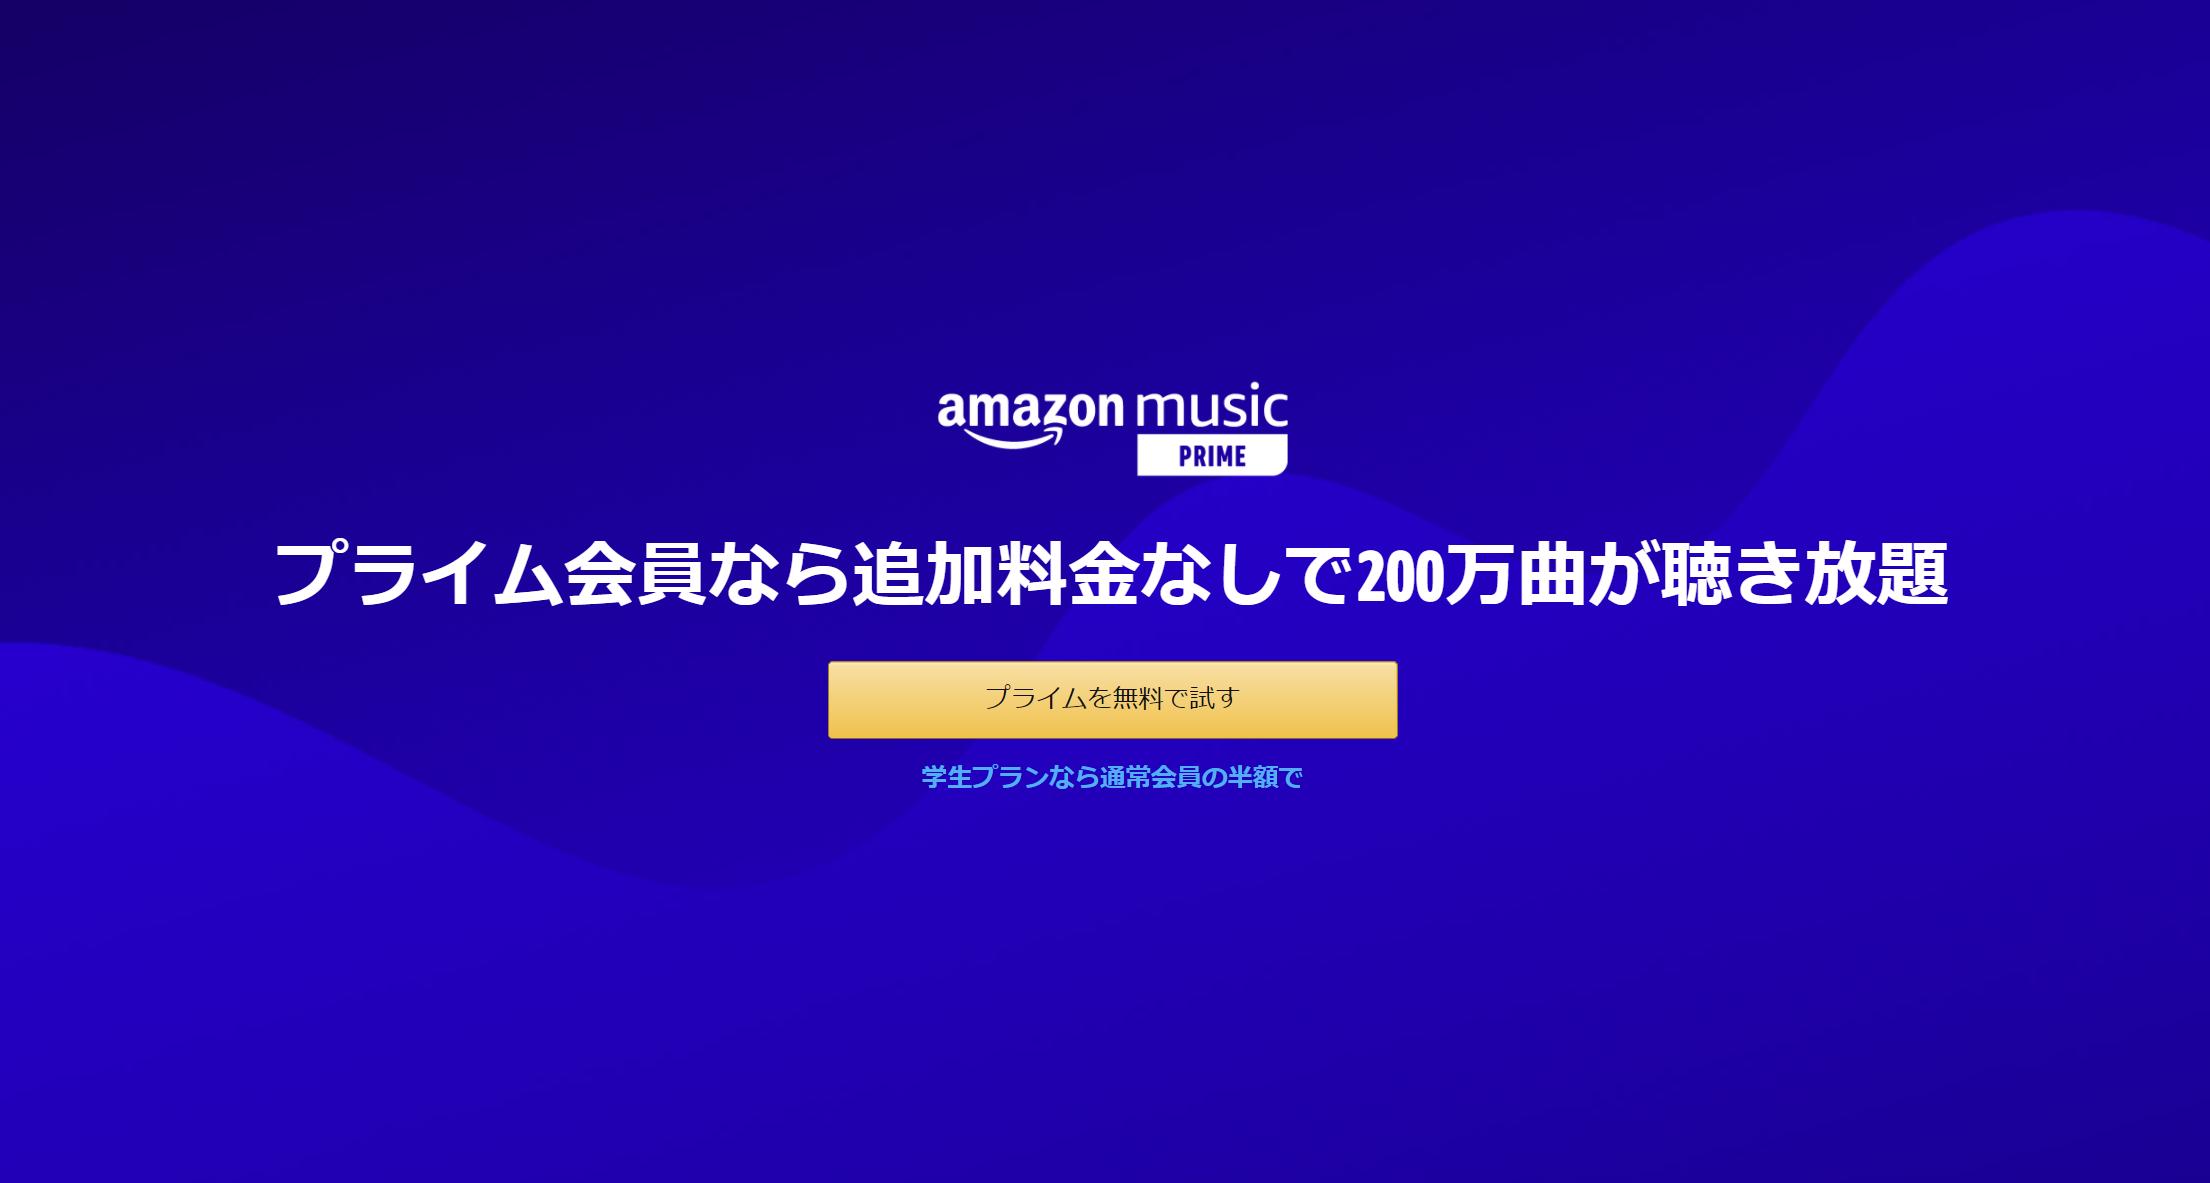 使い方 アマゾン プライムミュージック Amazonプライム・ビデオ使い方完全ガイド【iPhone/Android/PC/テレビ対応】